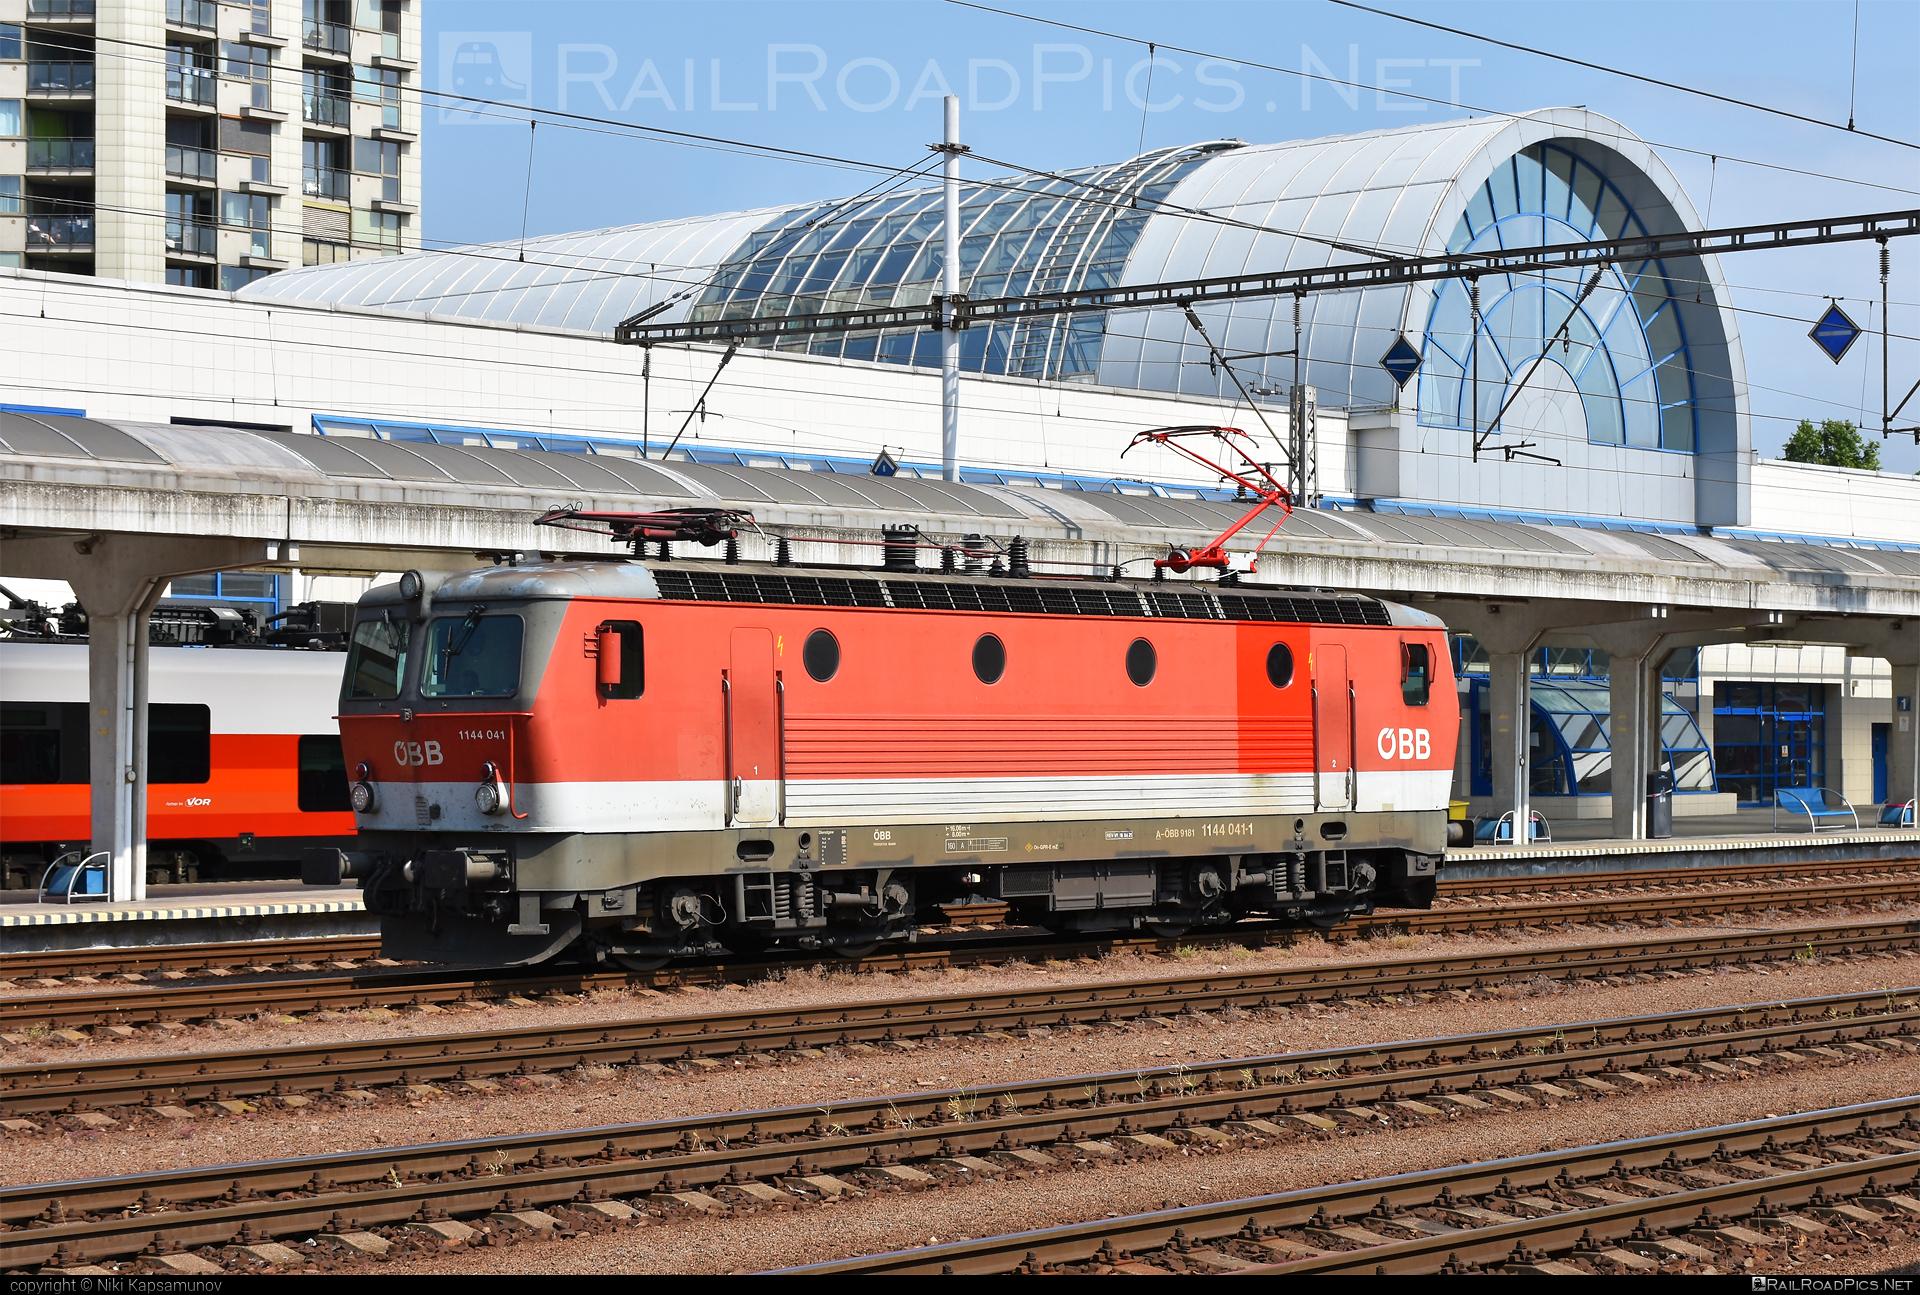 SGP ÖBB Class 1144 - 1144 041 operated by Rail Cargo Austria AG #obb #obbclass1144 #osterreichischebundesbahnen #rcw #sgp #sgp1144 #simmeringgrazpauker